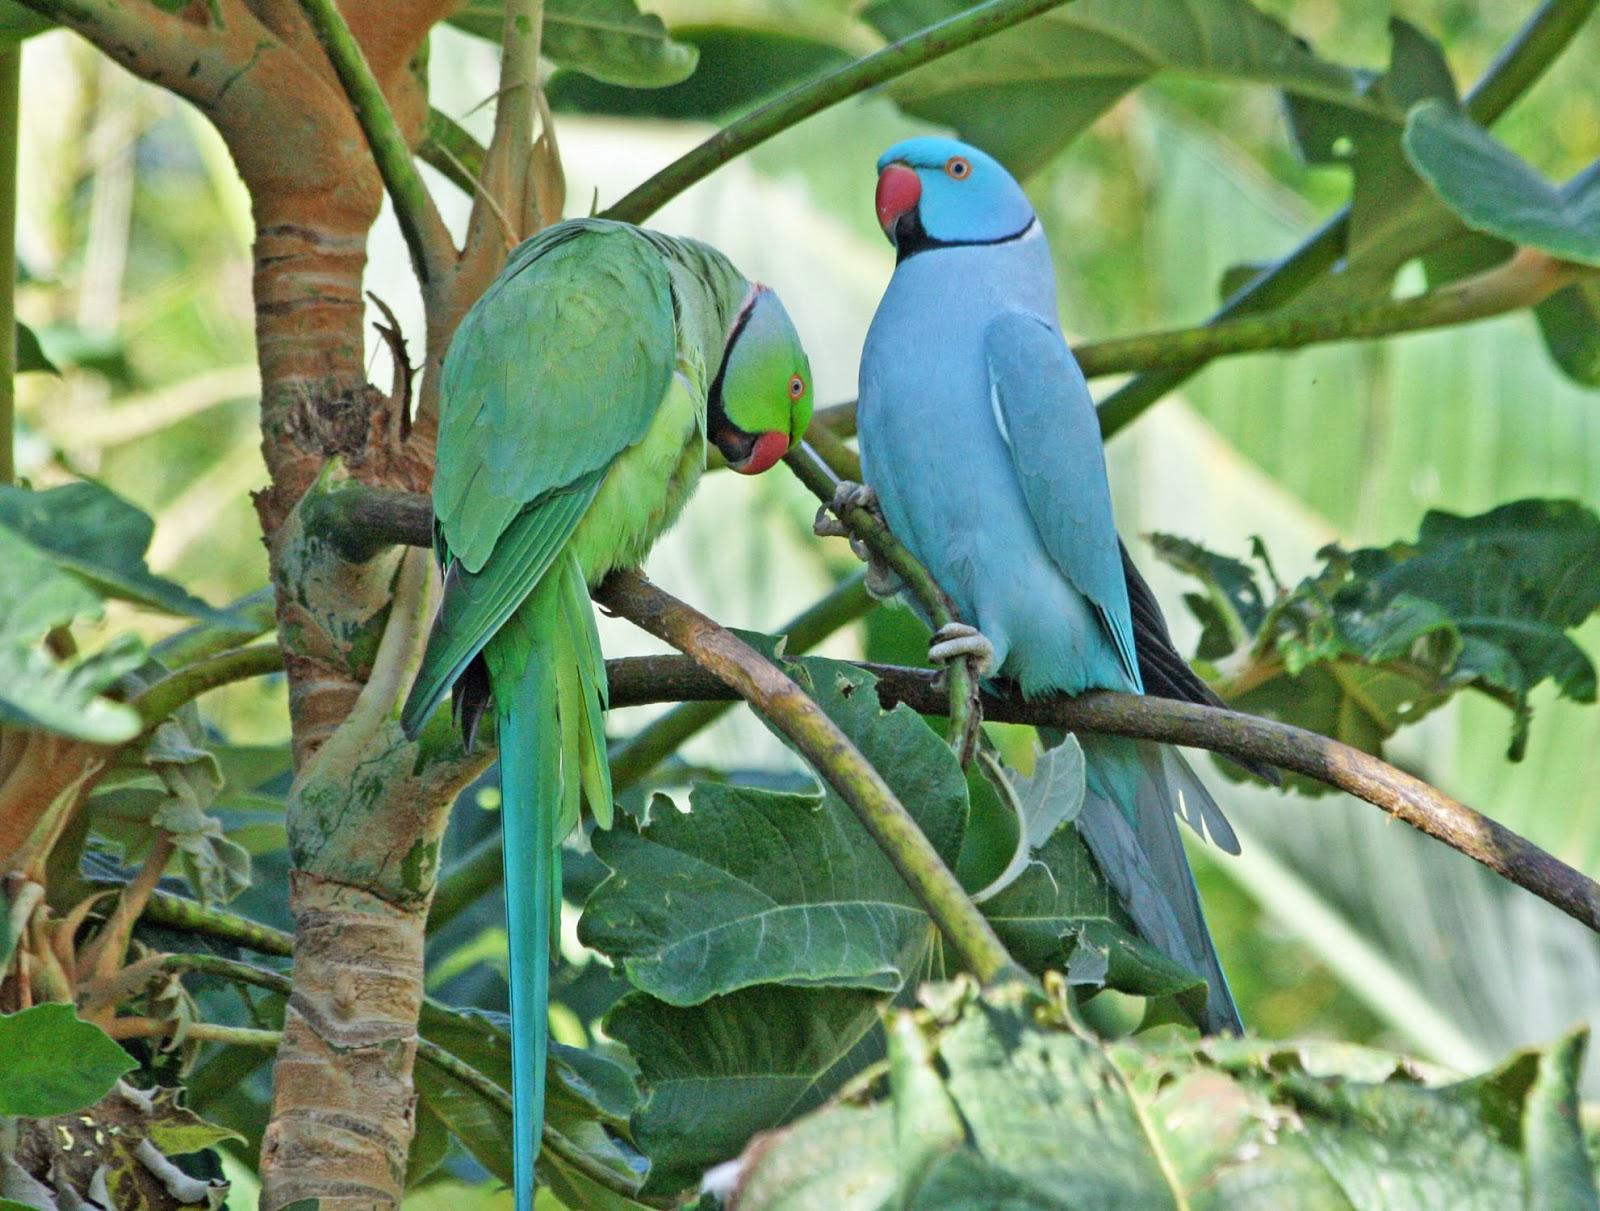 Real Parrot 10 JENIS BURUNG PALING PINTAR BERBICARA DI DUNIA